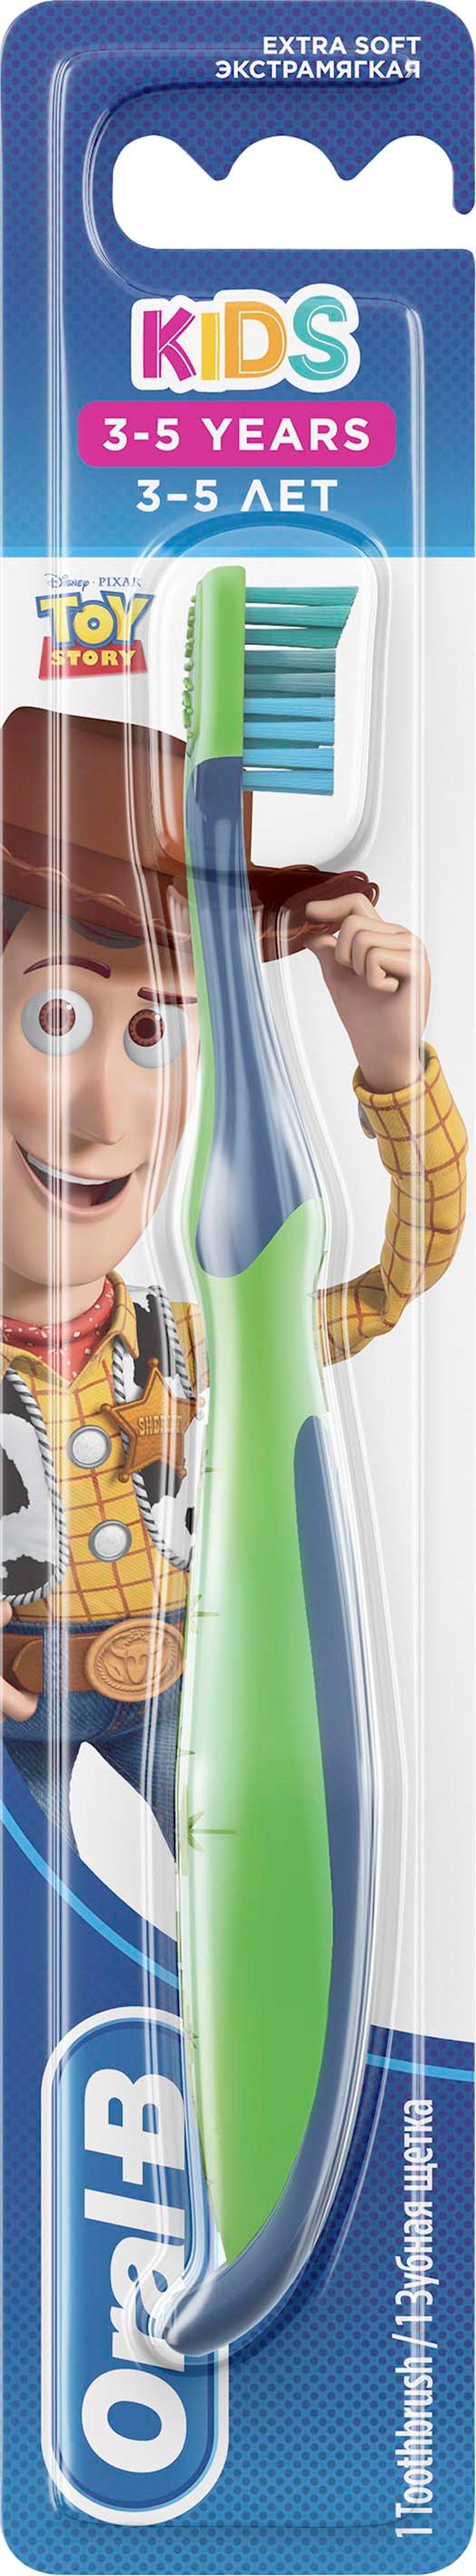 Manual diş fırçası Oral-B Kids Oyuncaqların hekayəsi cizgi filmin qəhrəmanları ilə